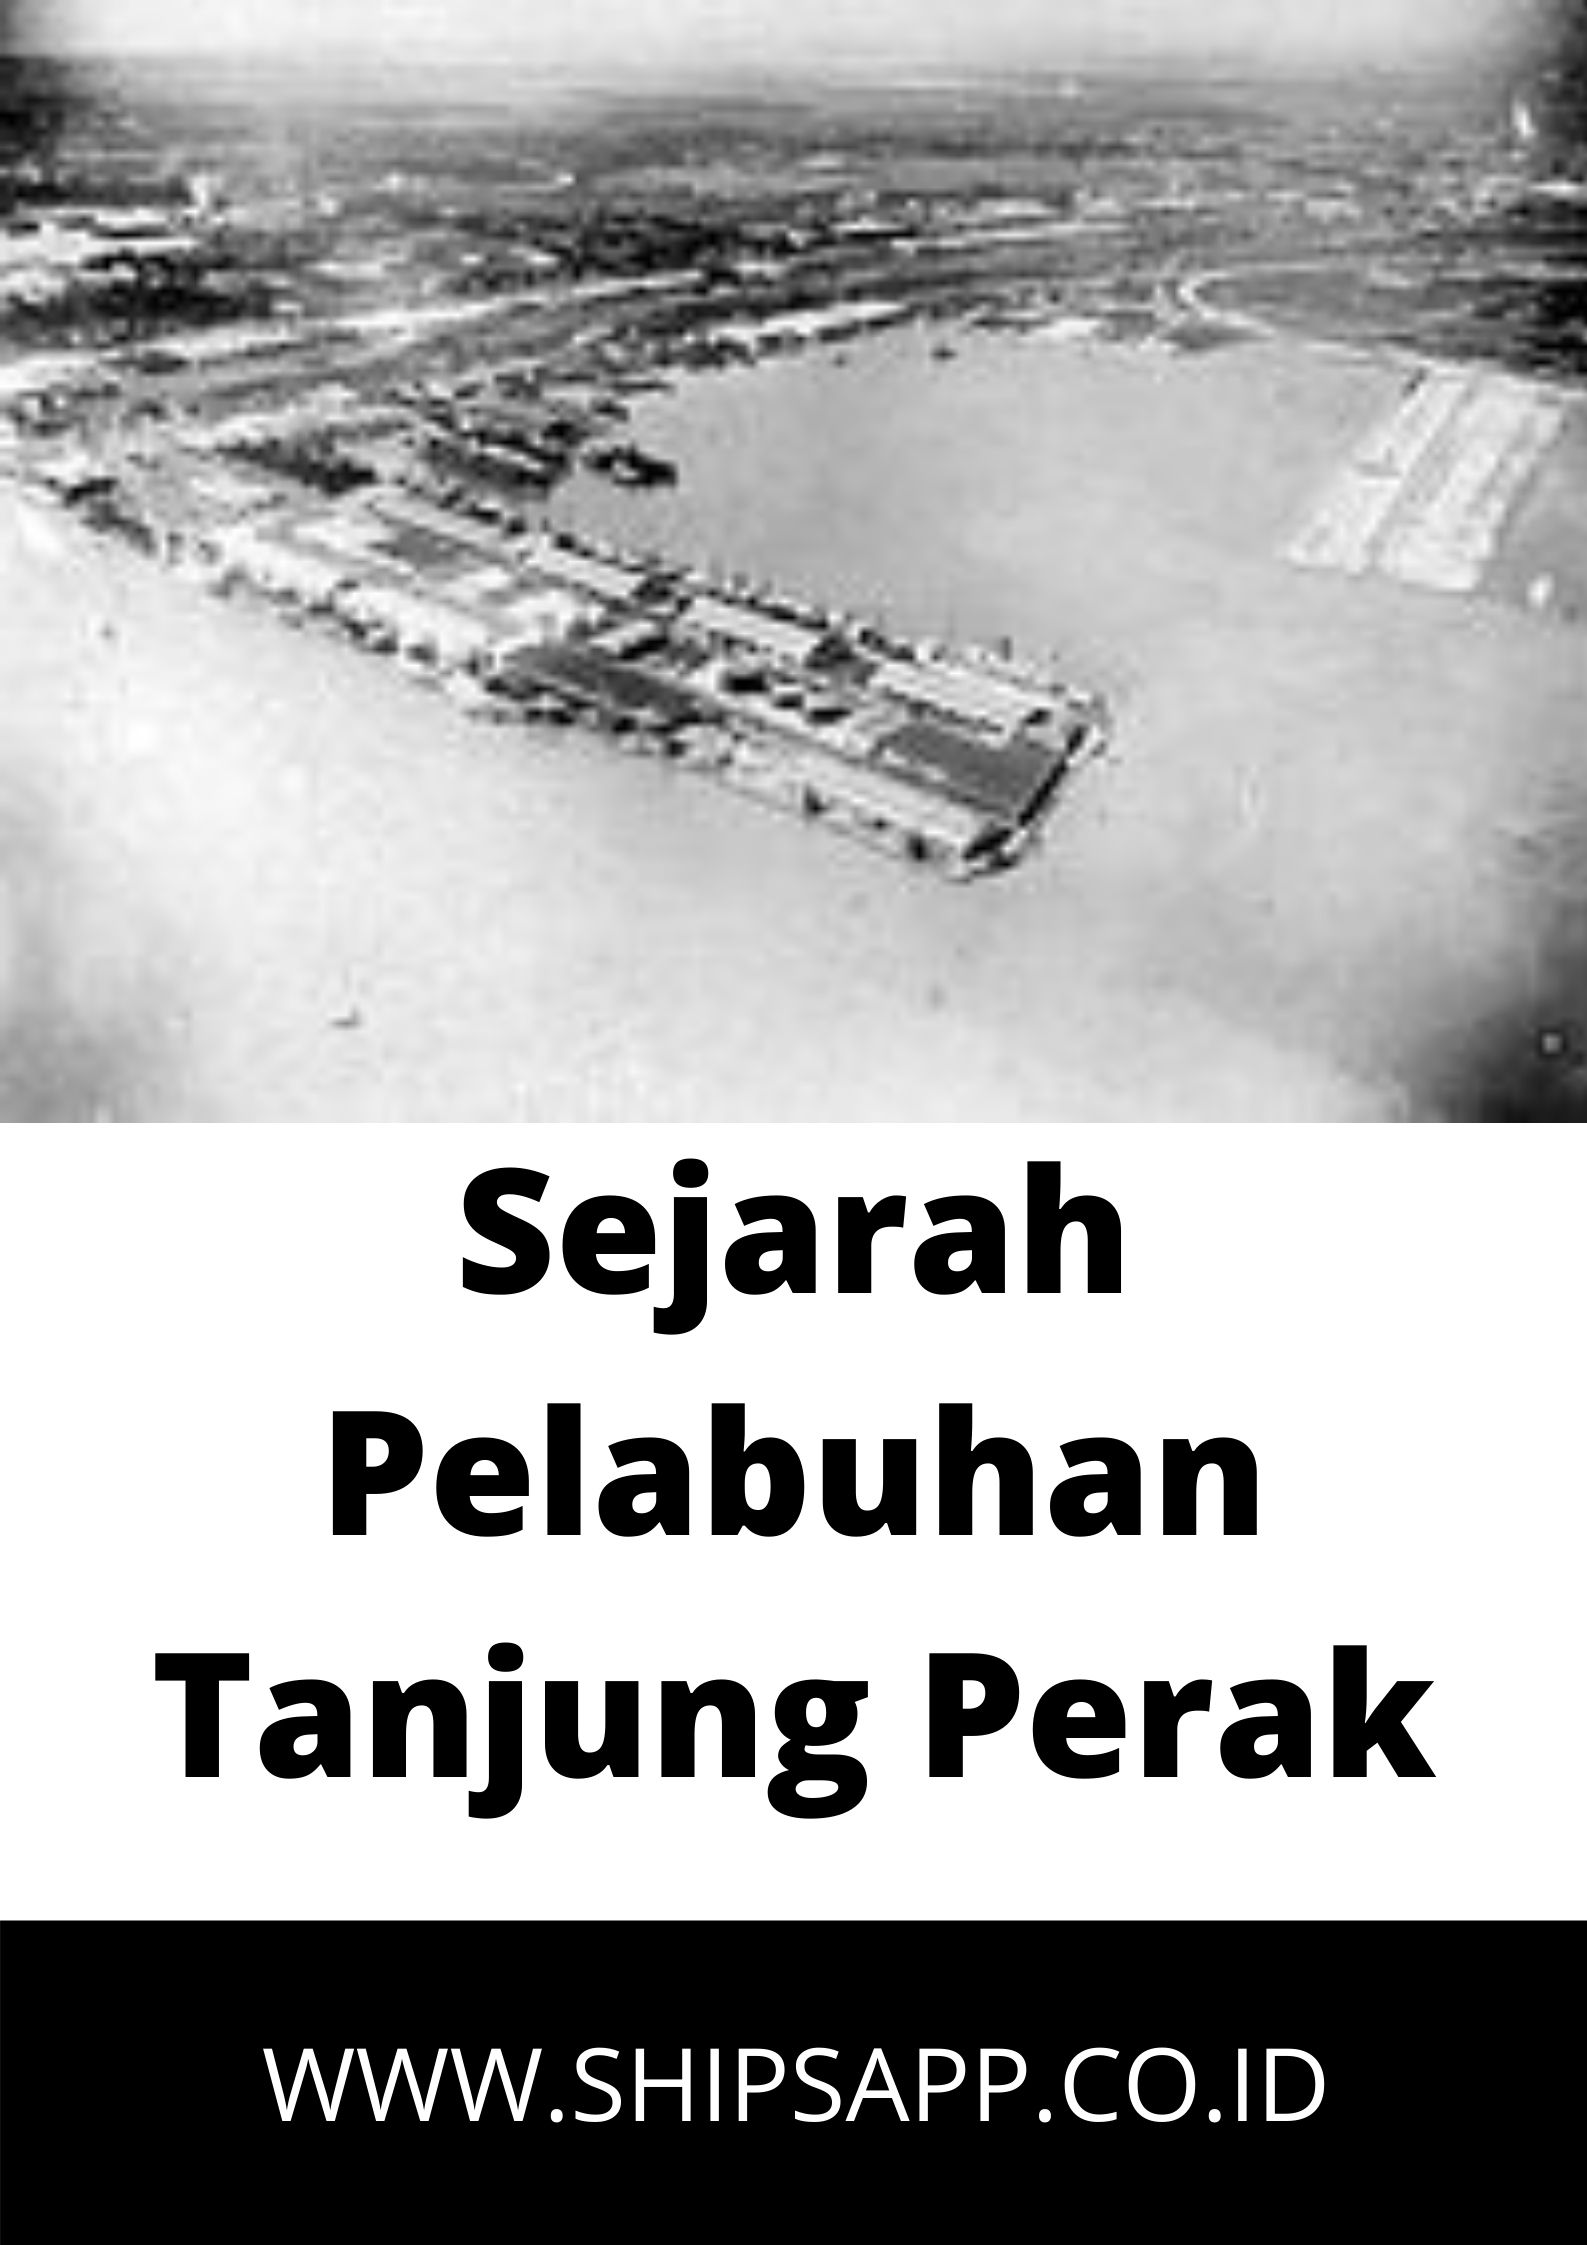 Sejarah Pelabuhan Tanjung Perak